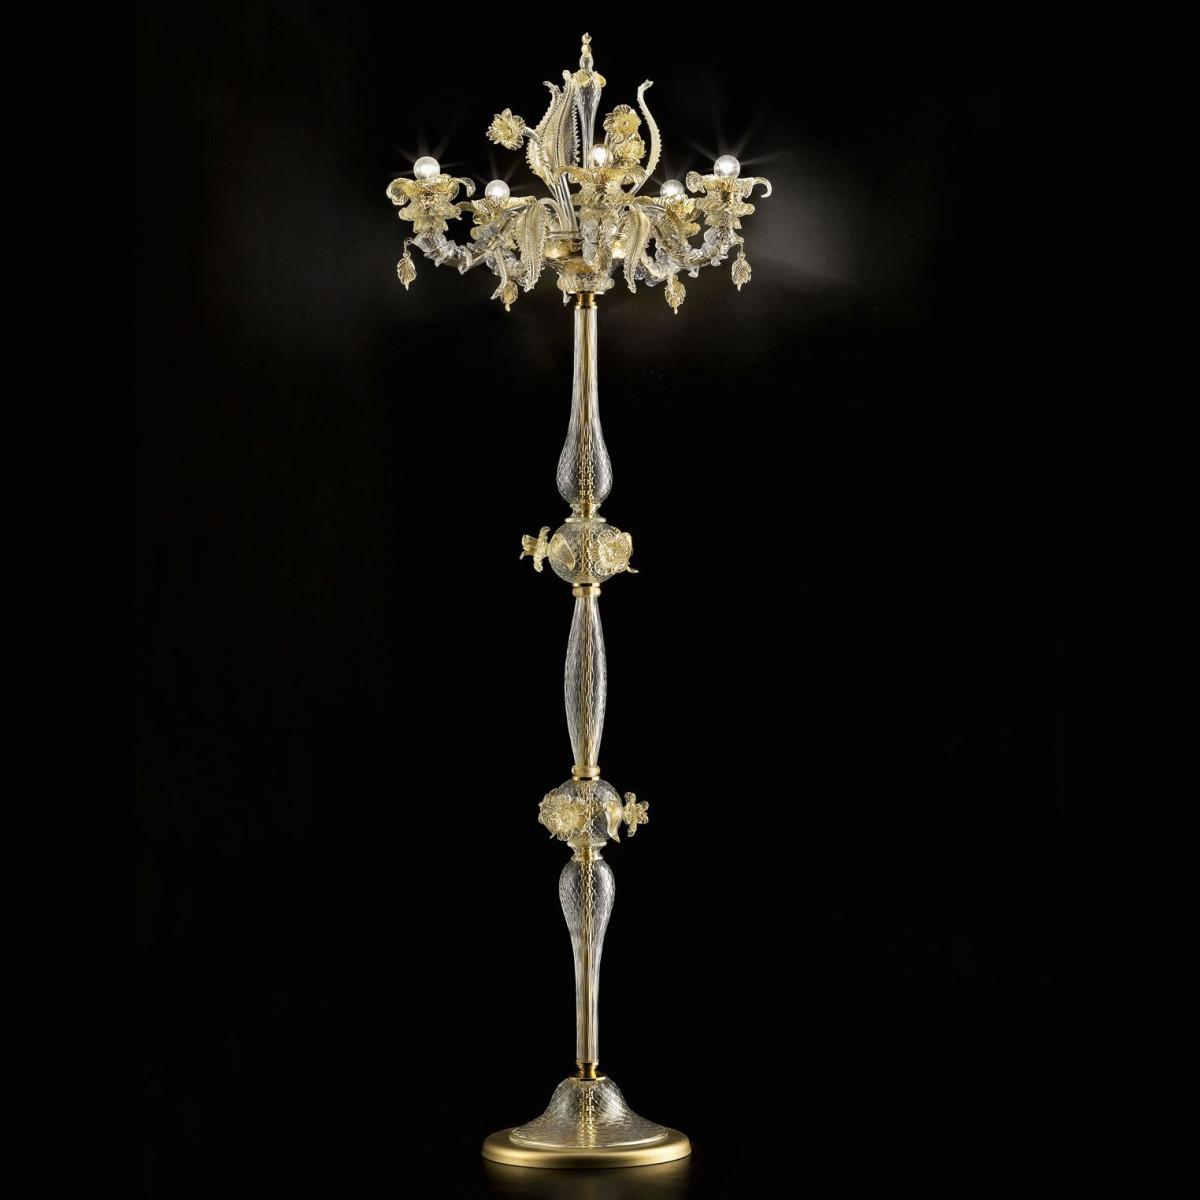 """""""Prezioso"""" 6 flammig Murano stehleuchte - transparent gold farbe"""